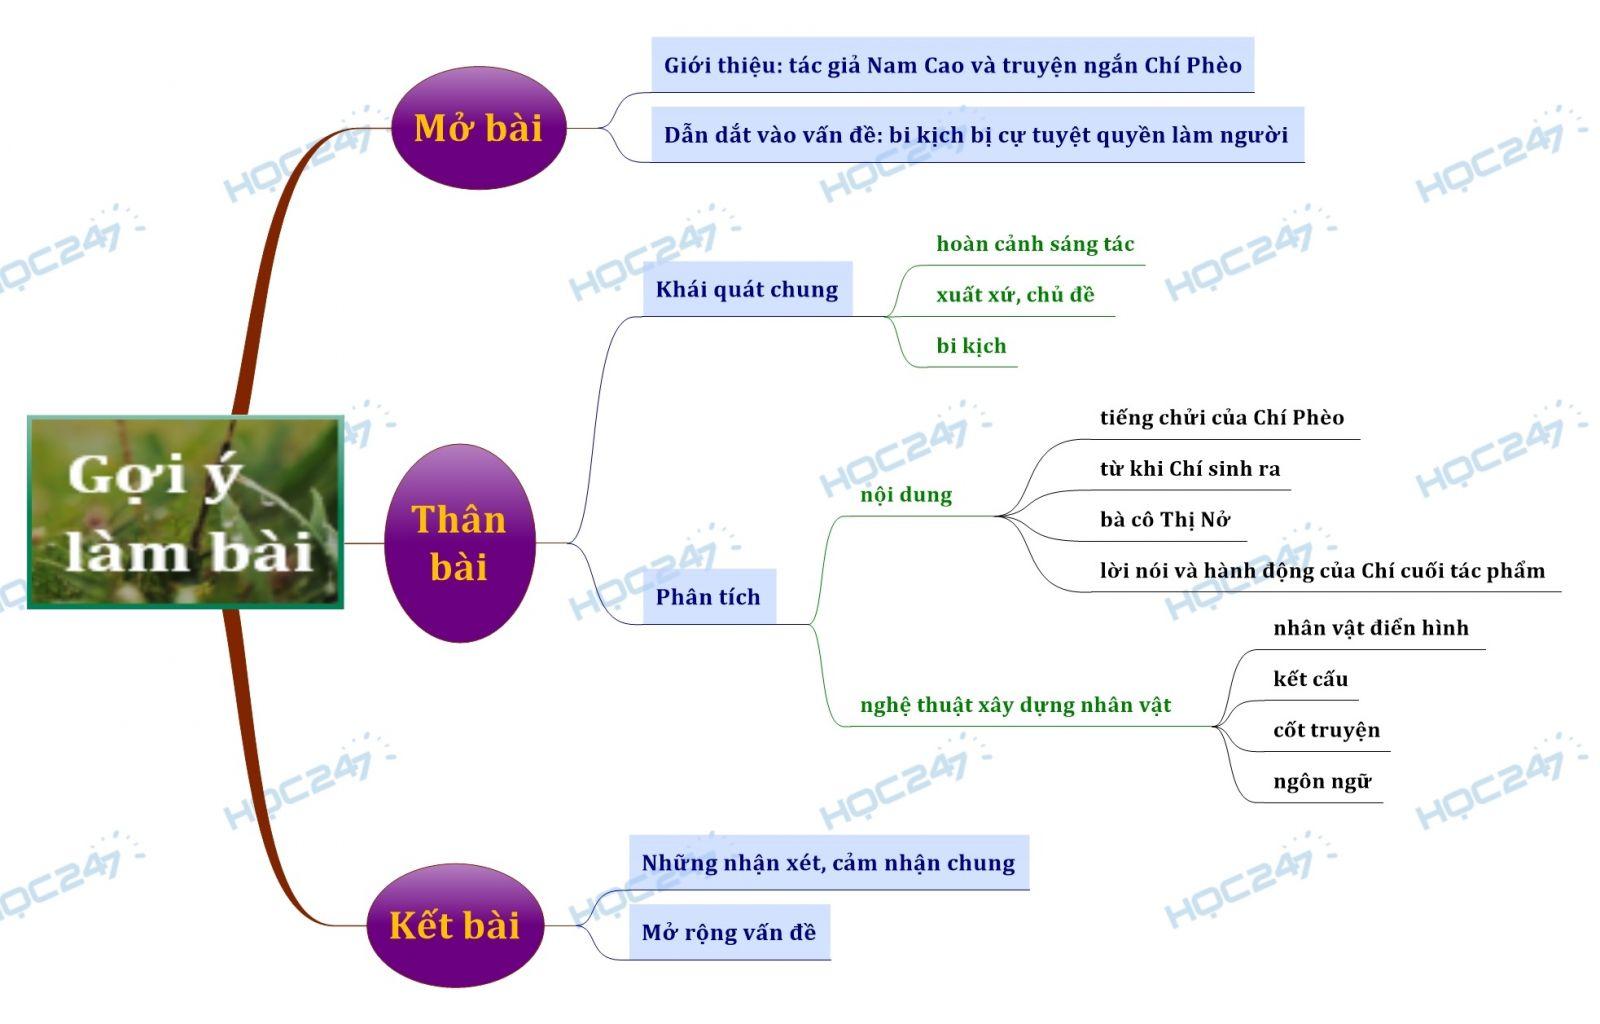 sơ đồ tư duy phân tích bi kịch bị cự tuyệt quyền làm người trong truyện ngắn Chí Phèo của Nam Cao